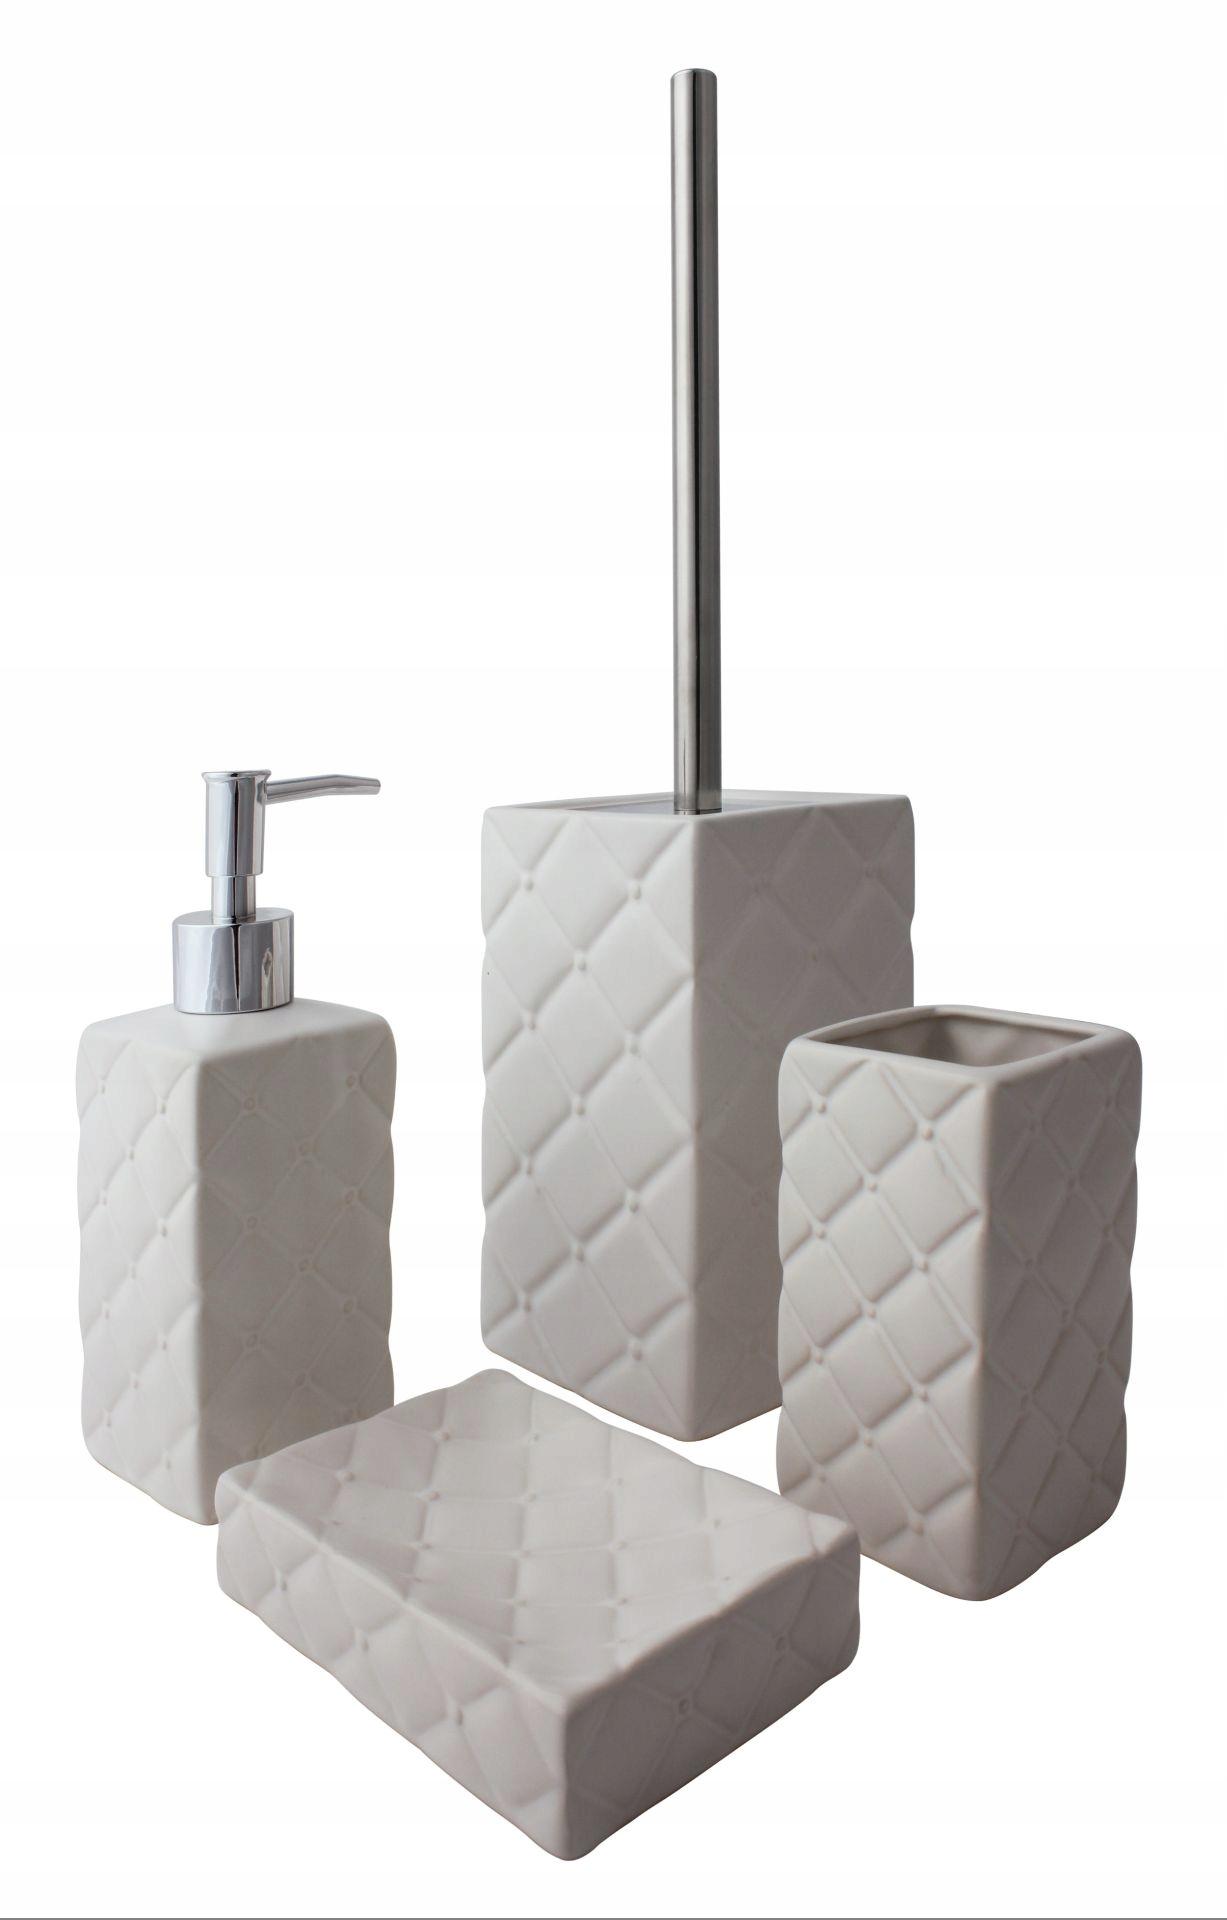 Kúpeľňová súprava Punch 4 elem glamour cream